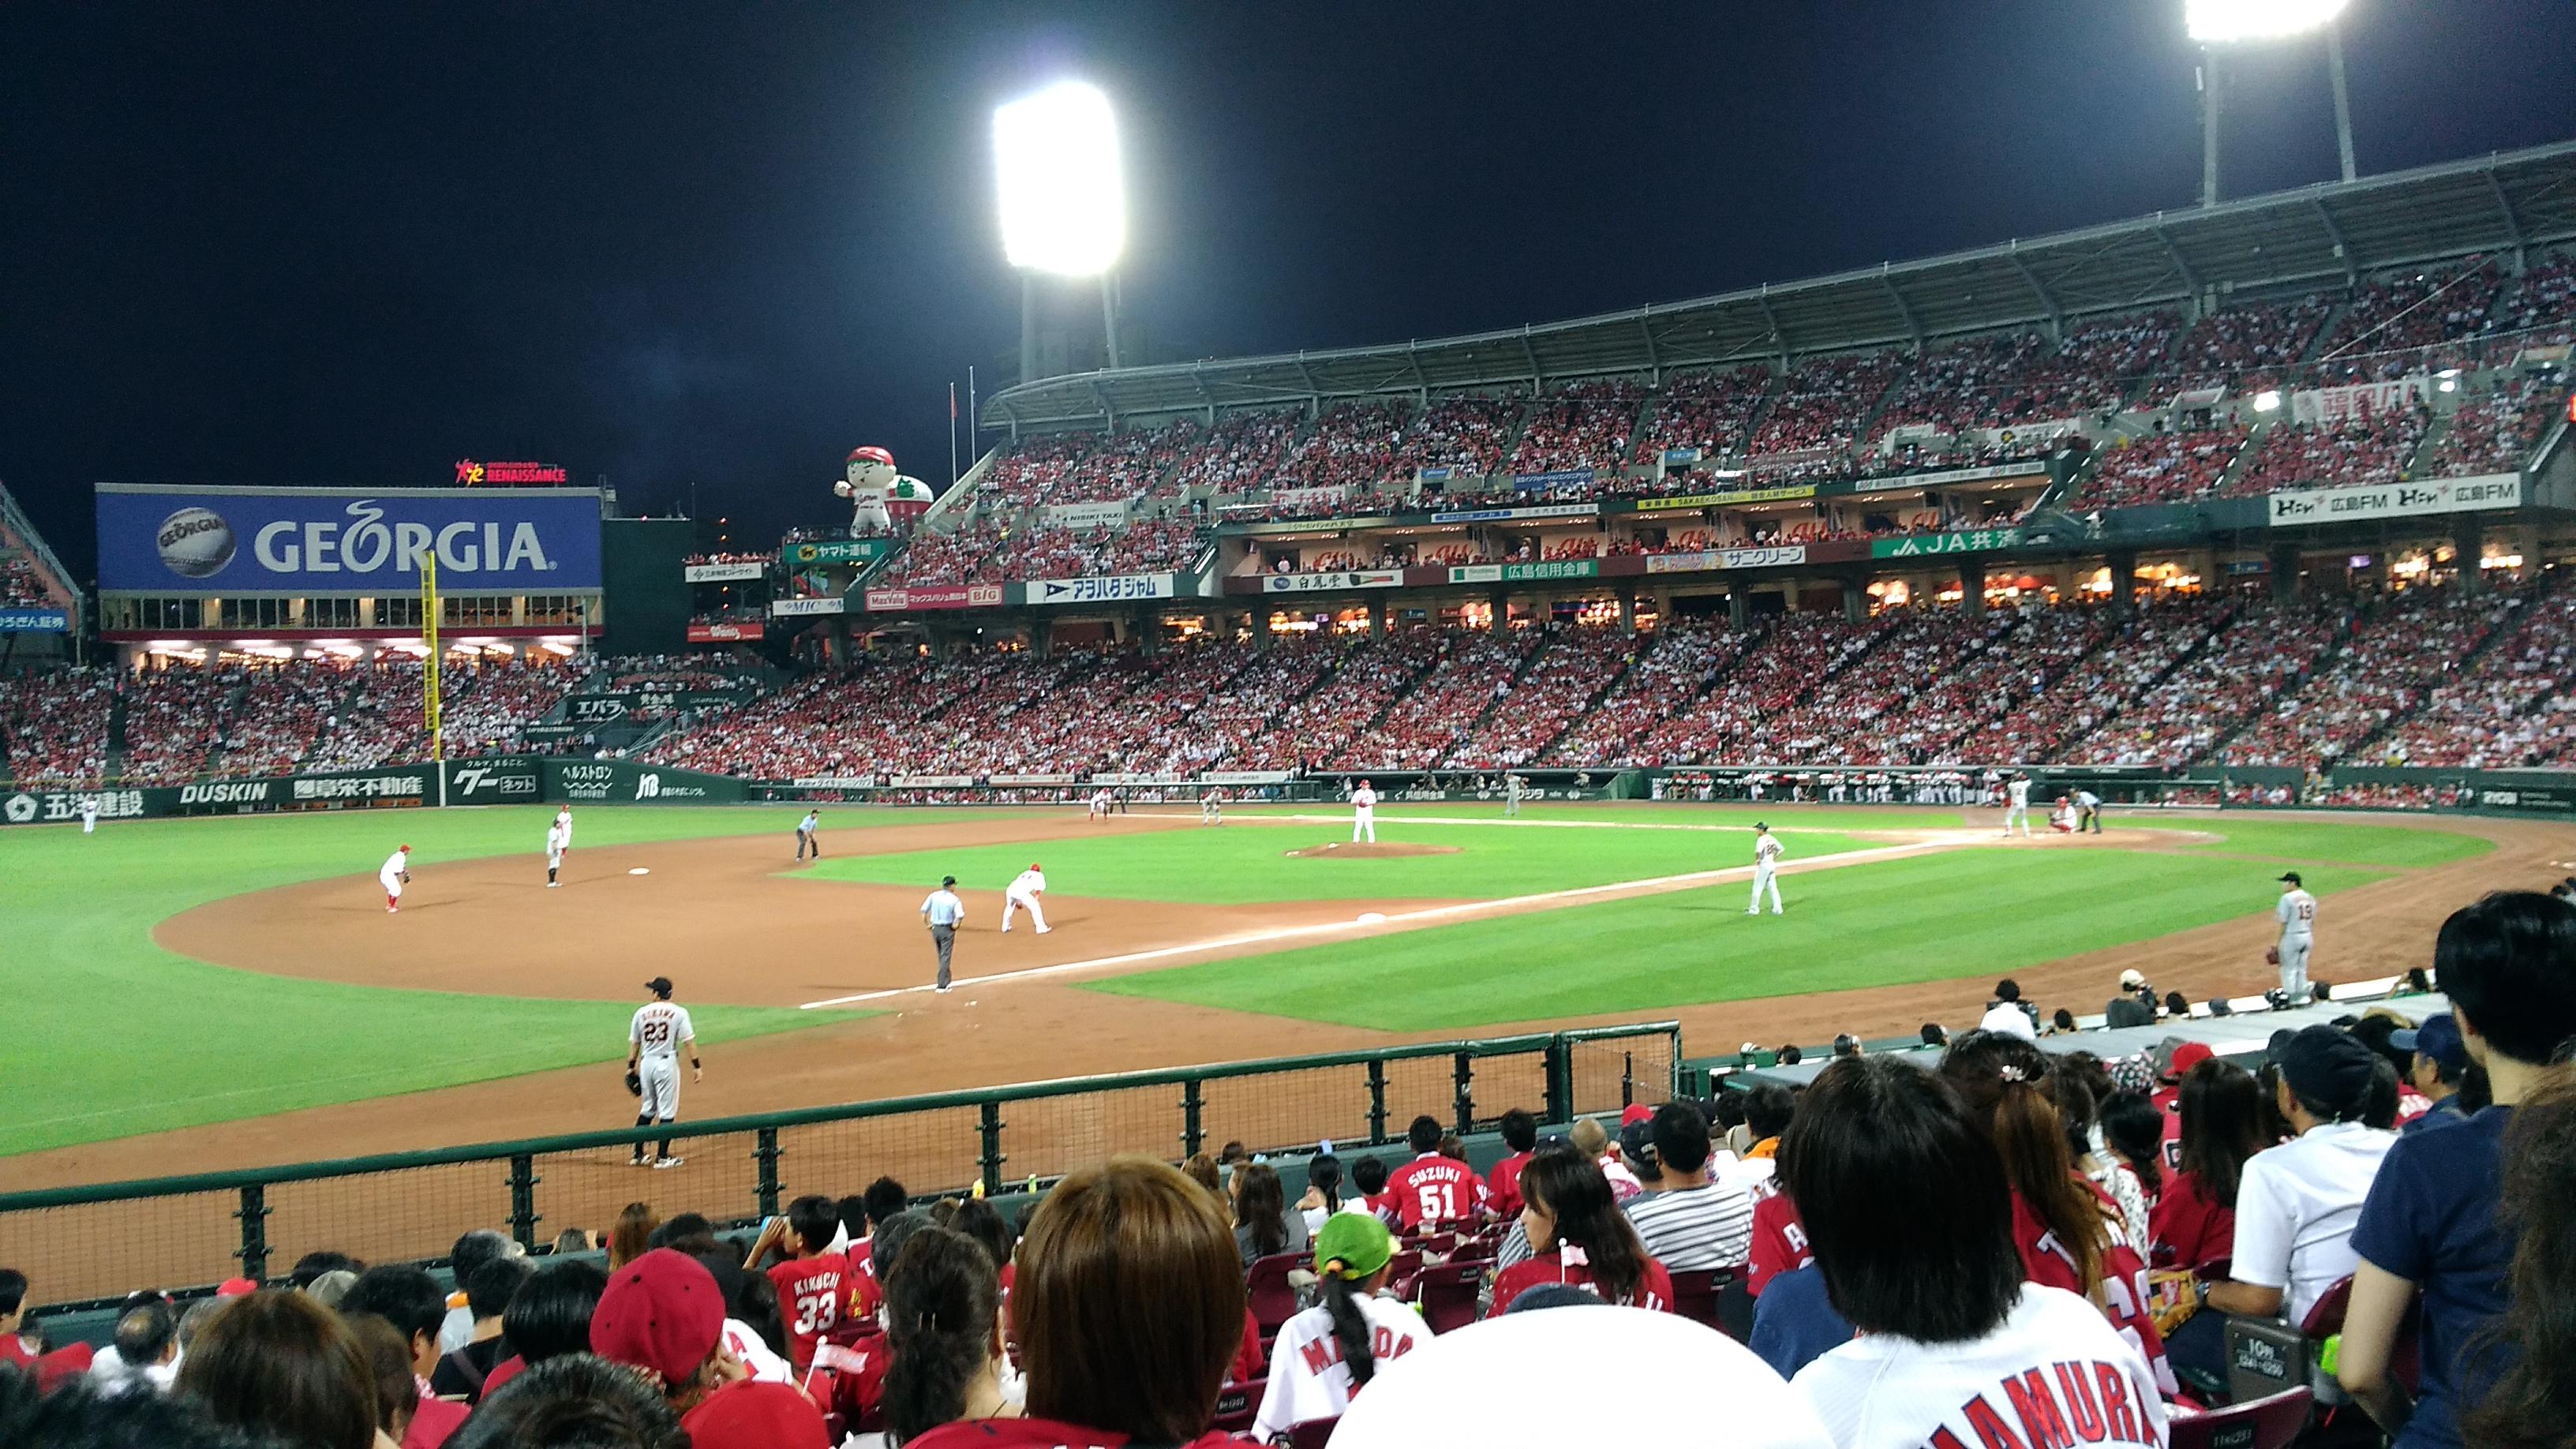 やっぱり【内野指定席A】では、プロ野球の迫力を堪能できますね! ‐ 2017年プロ野球・広島カープ・マツダスタジアム徹底ガイド 20 ‐